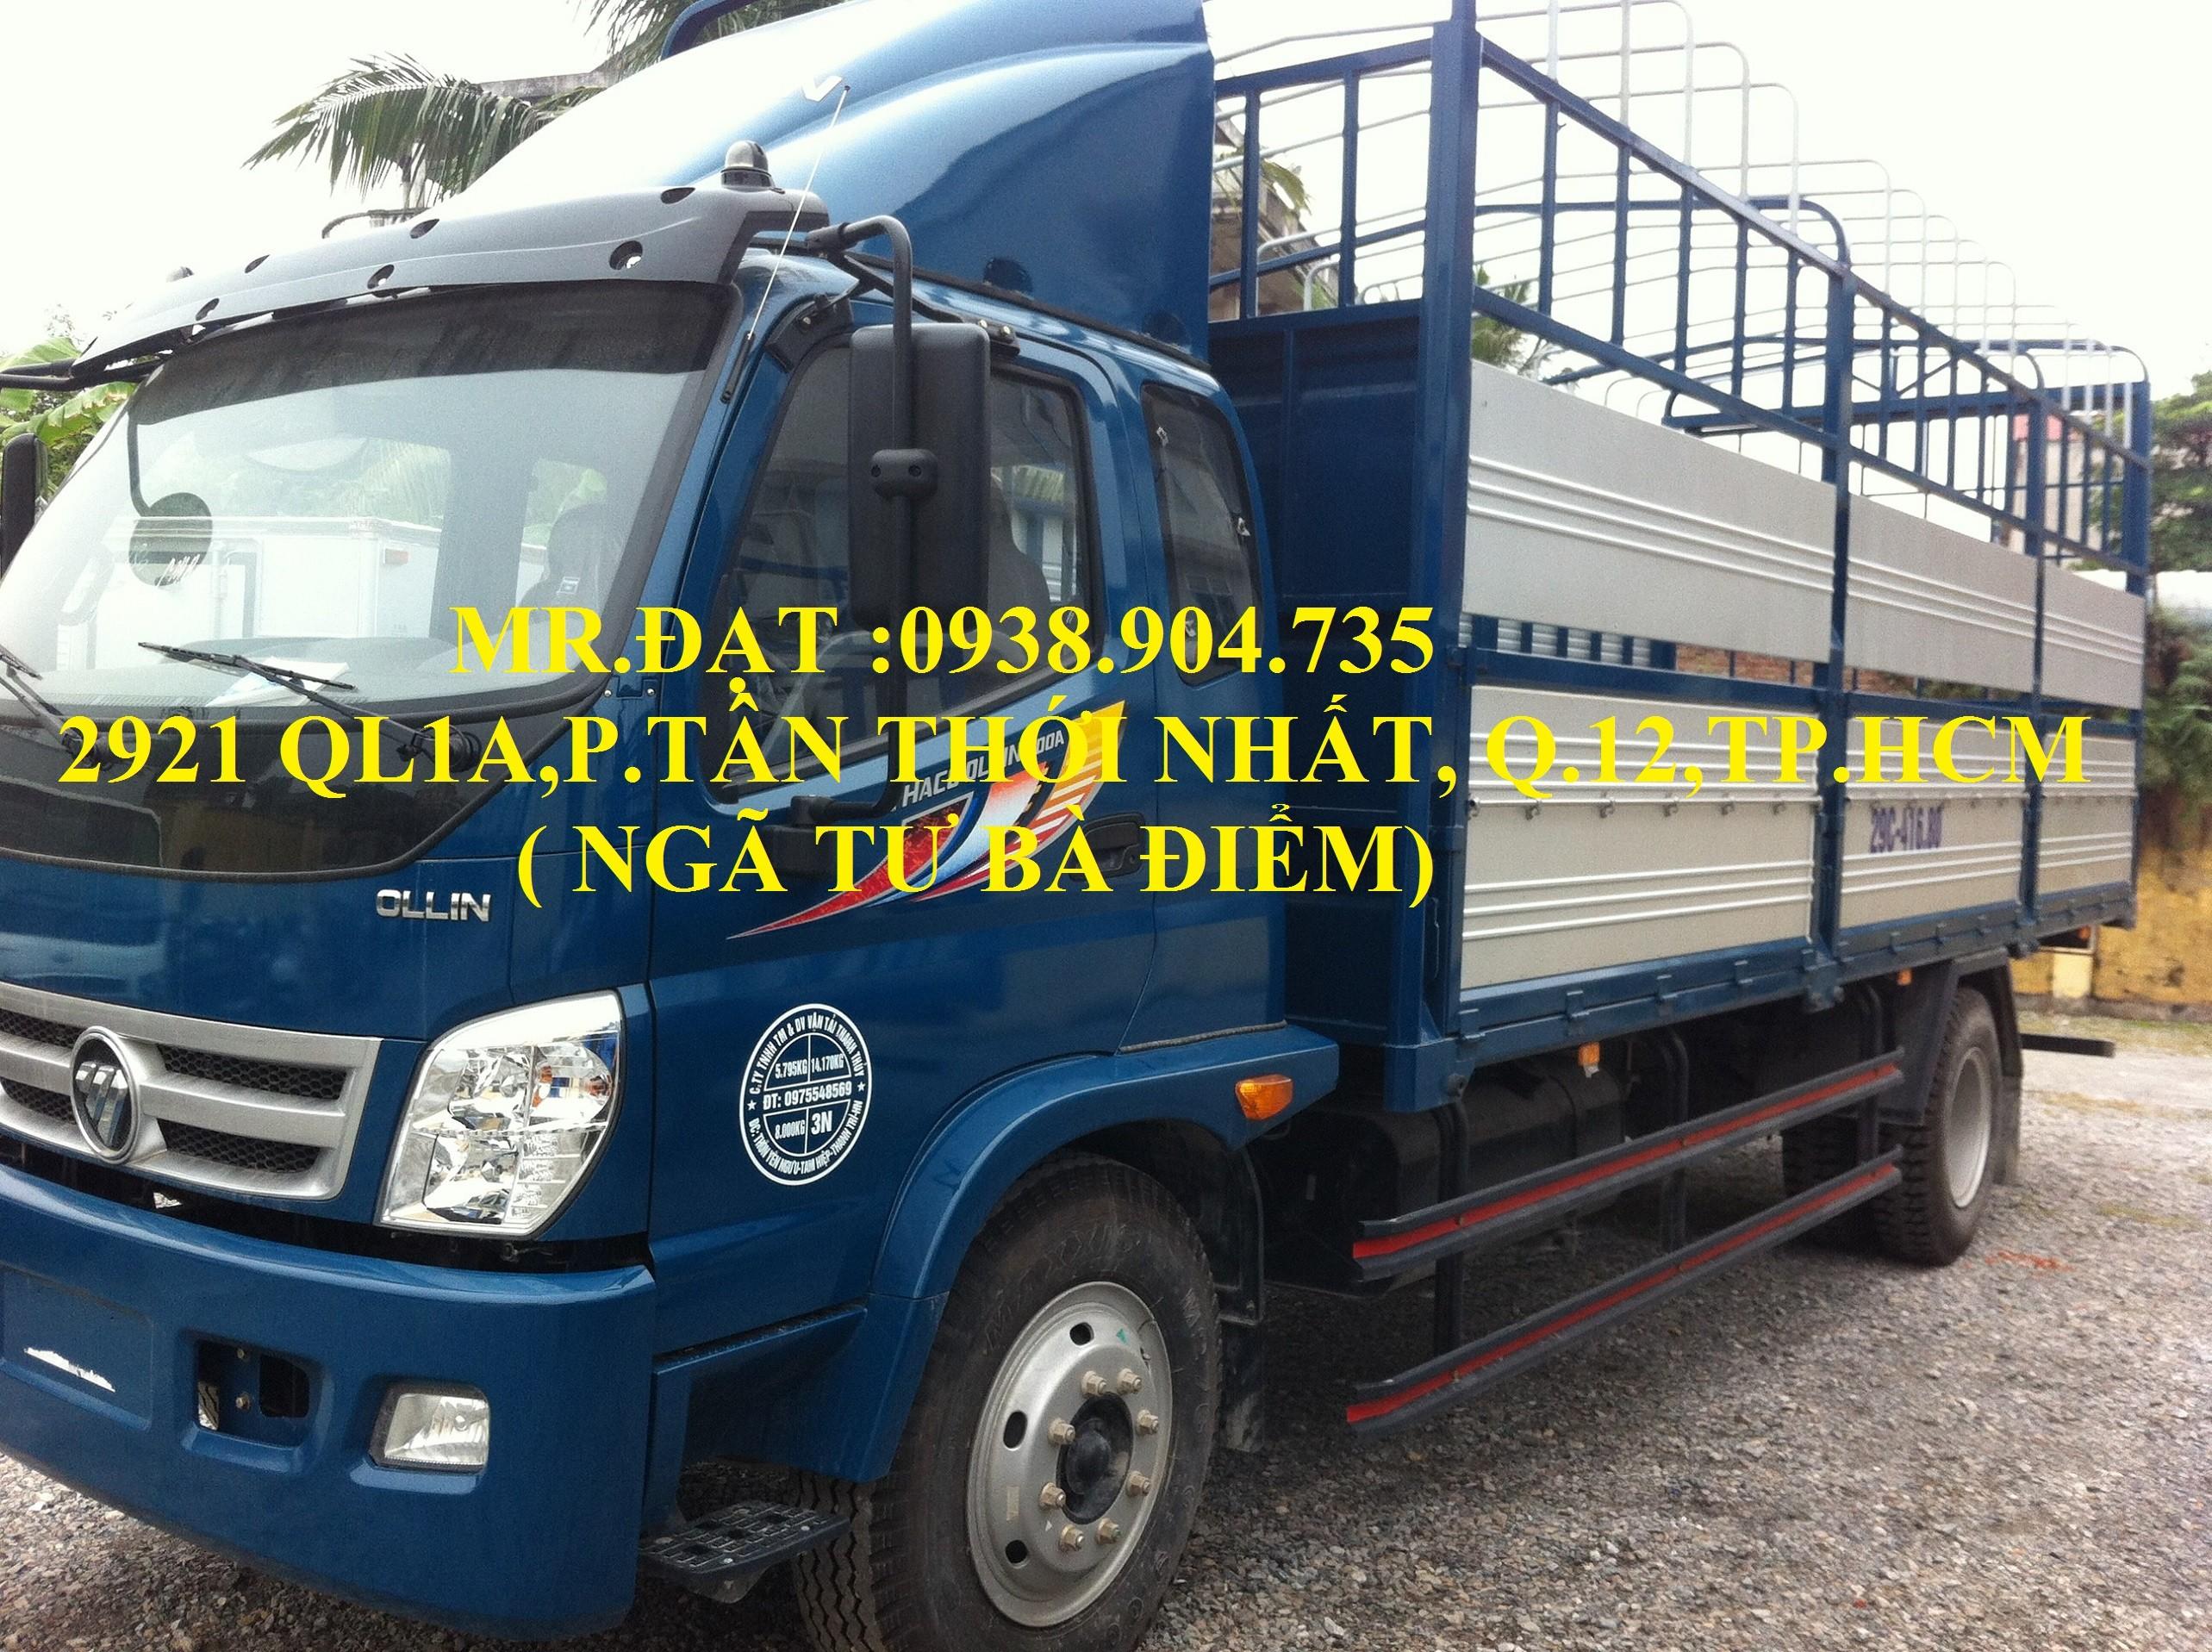 Xe tải ollin 345 máy isuzu 2.4 tấn vào thành phố, xe tải máy isuzu 2.4 tấn , xe tải 2t4 trả góp, xe tải thaoco 2.4 tấn Ảnh số 39614855